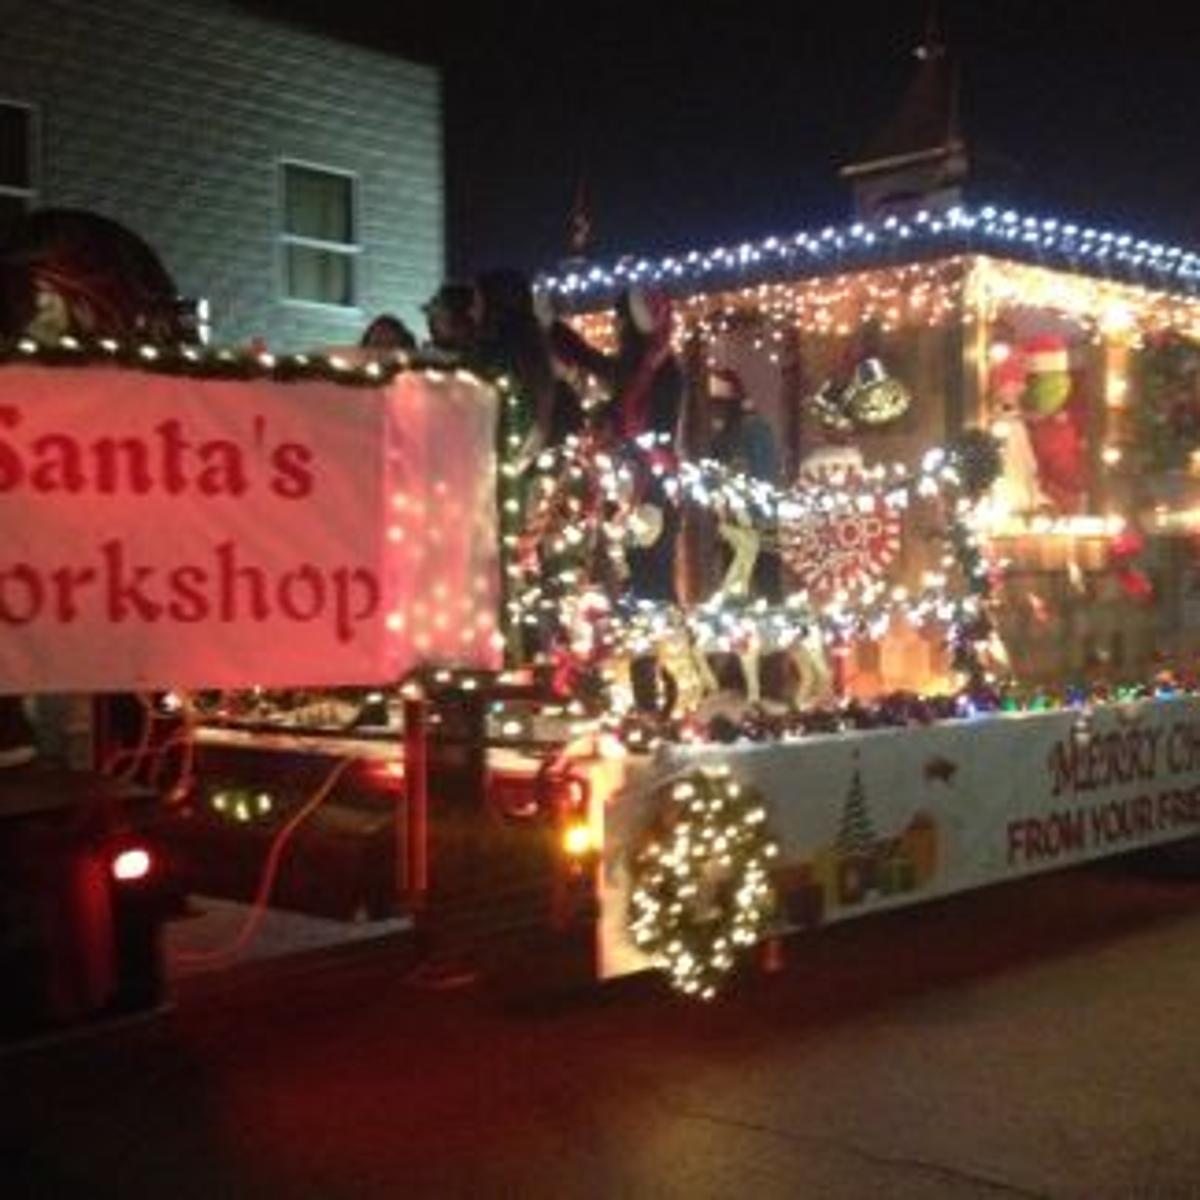 Bixby Christmas Parade 2020 Santa Claus Makes Appearance at Bixby Christmas Parade | Latest